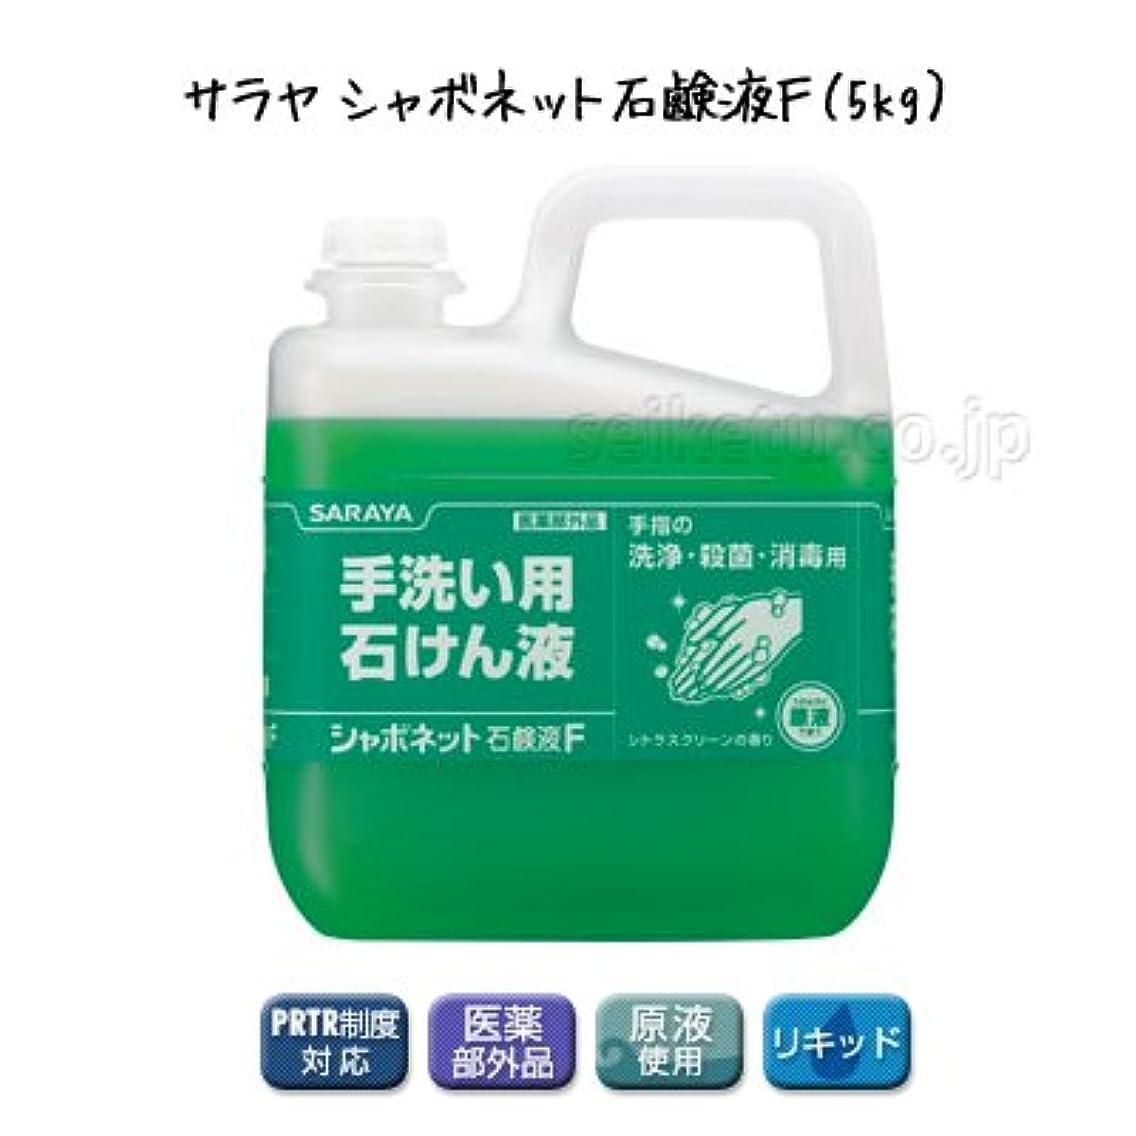 小包ジェームズダイソン通常【清潔キレイ館】サラヤ シャボネット石鹸液F(5kg)